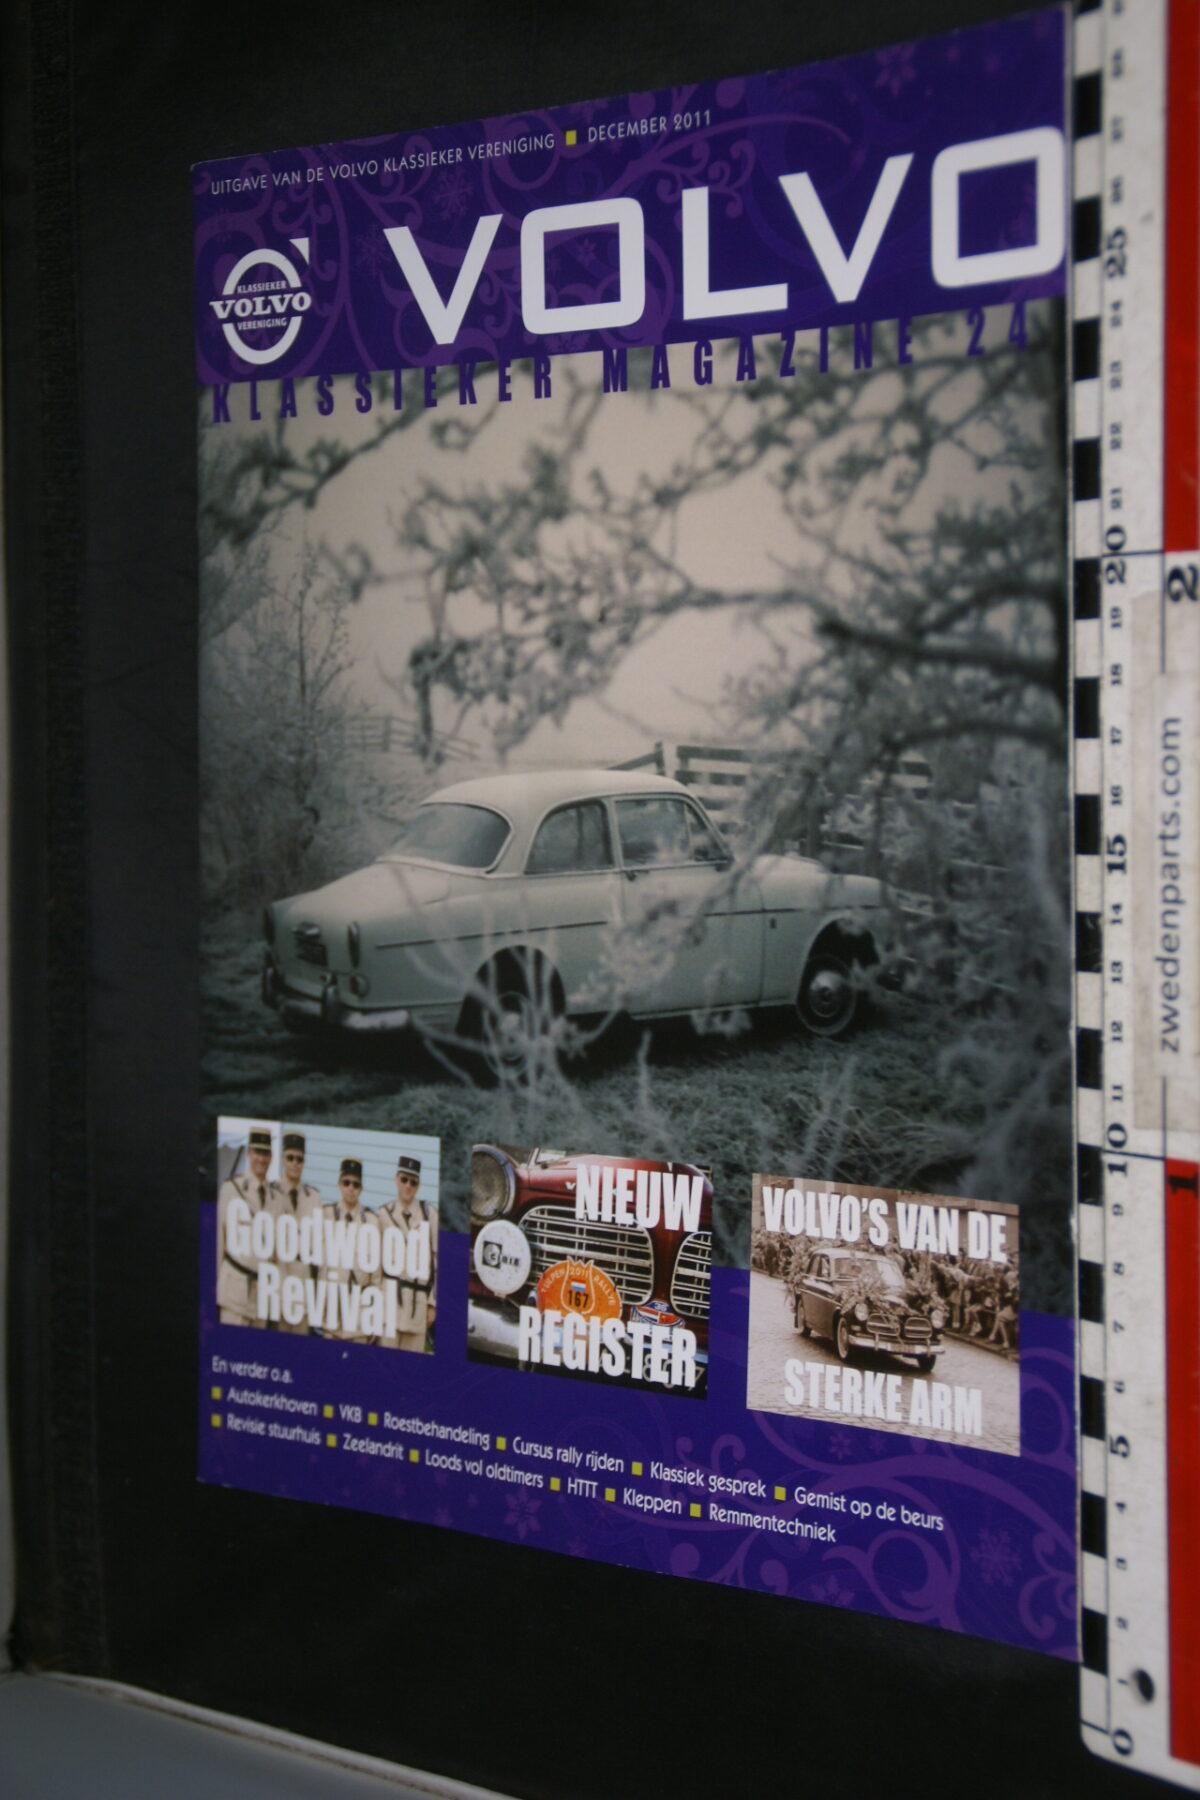 DSC09222 2011 december tijdschrift VKM Volvoclub